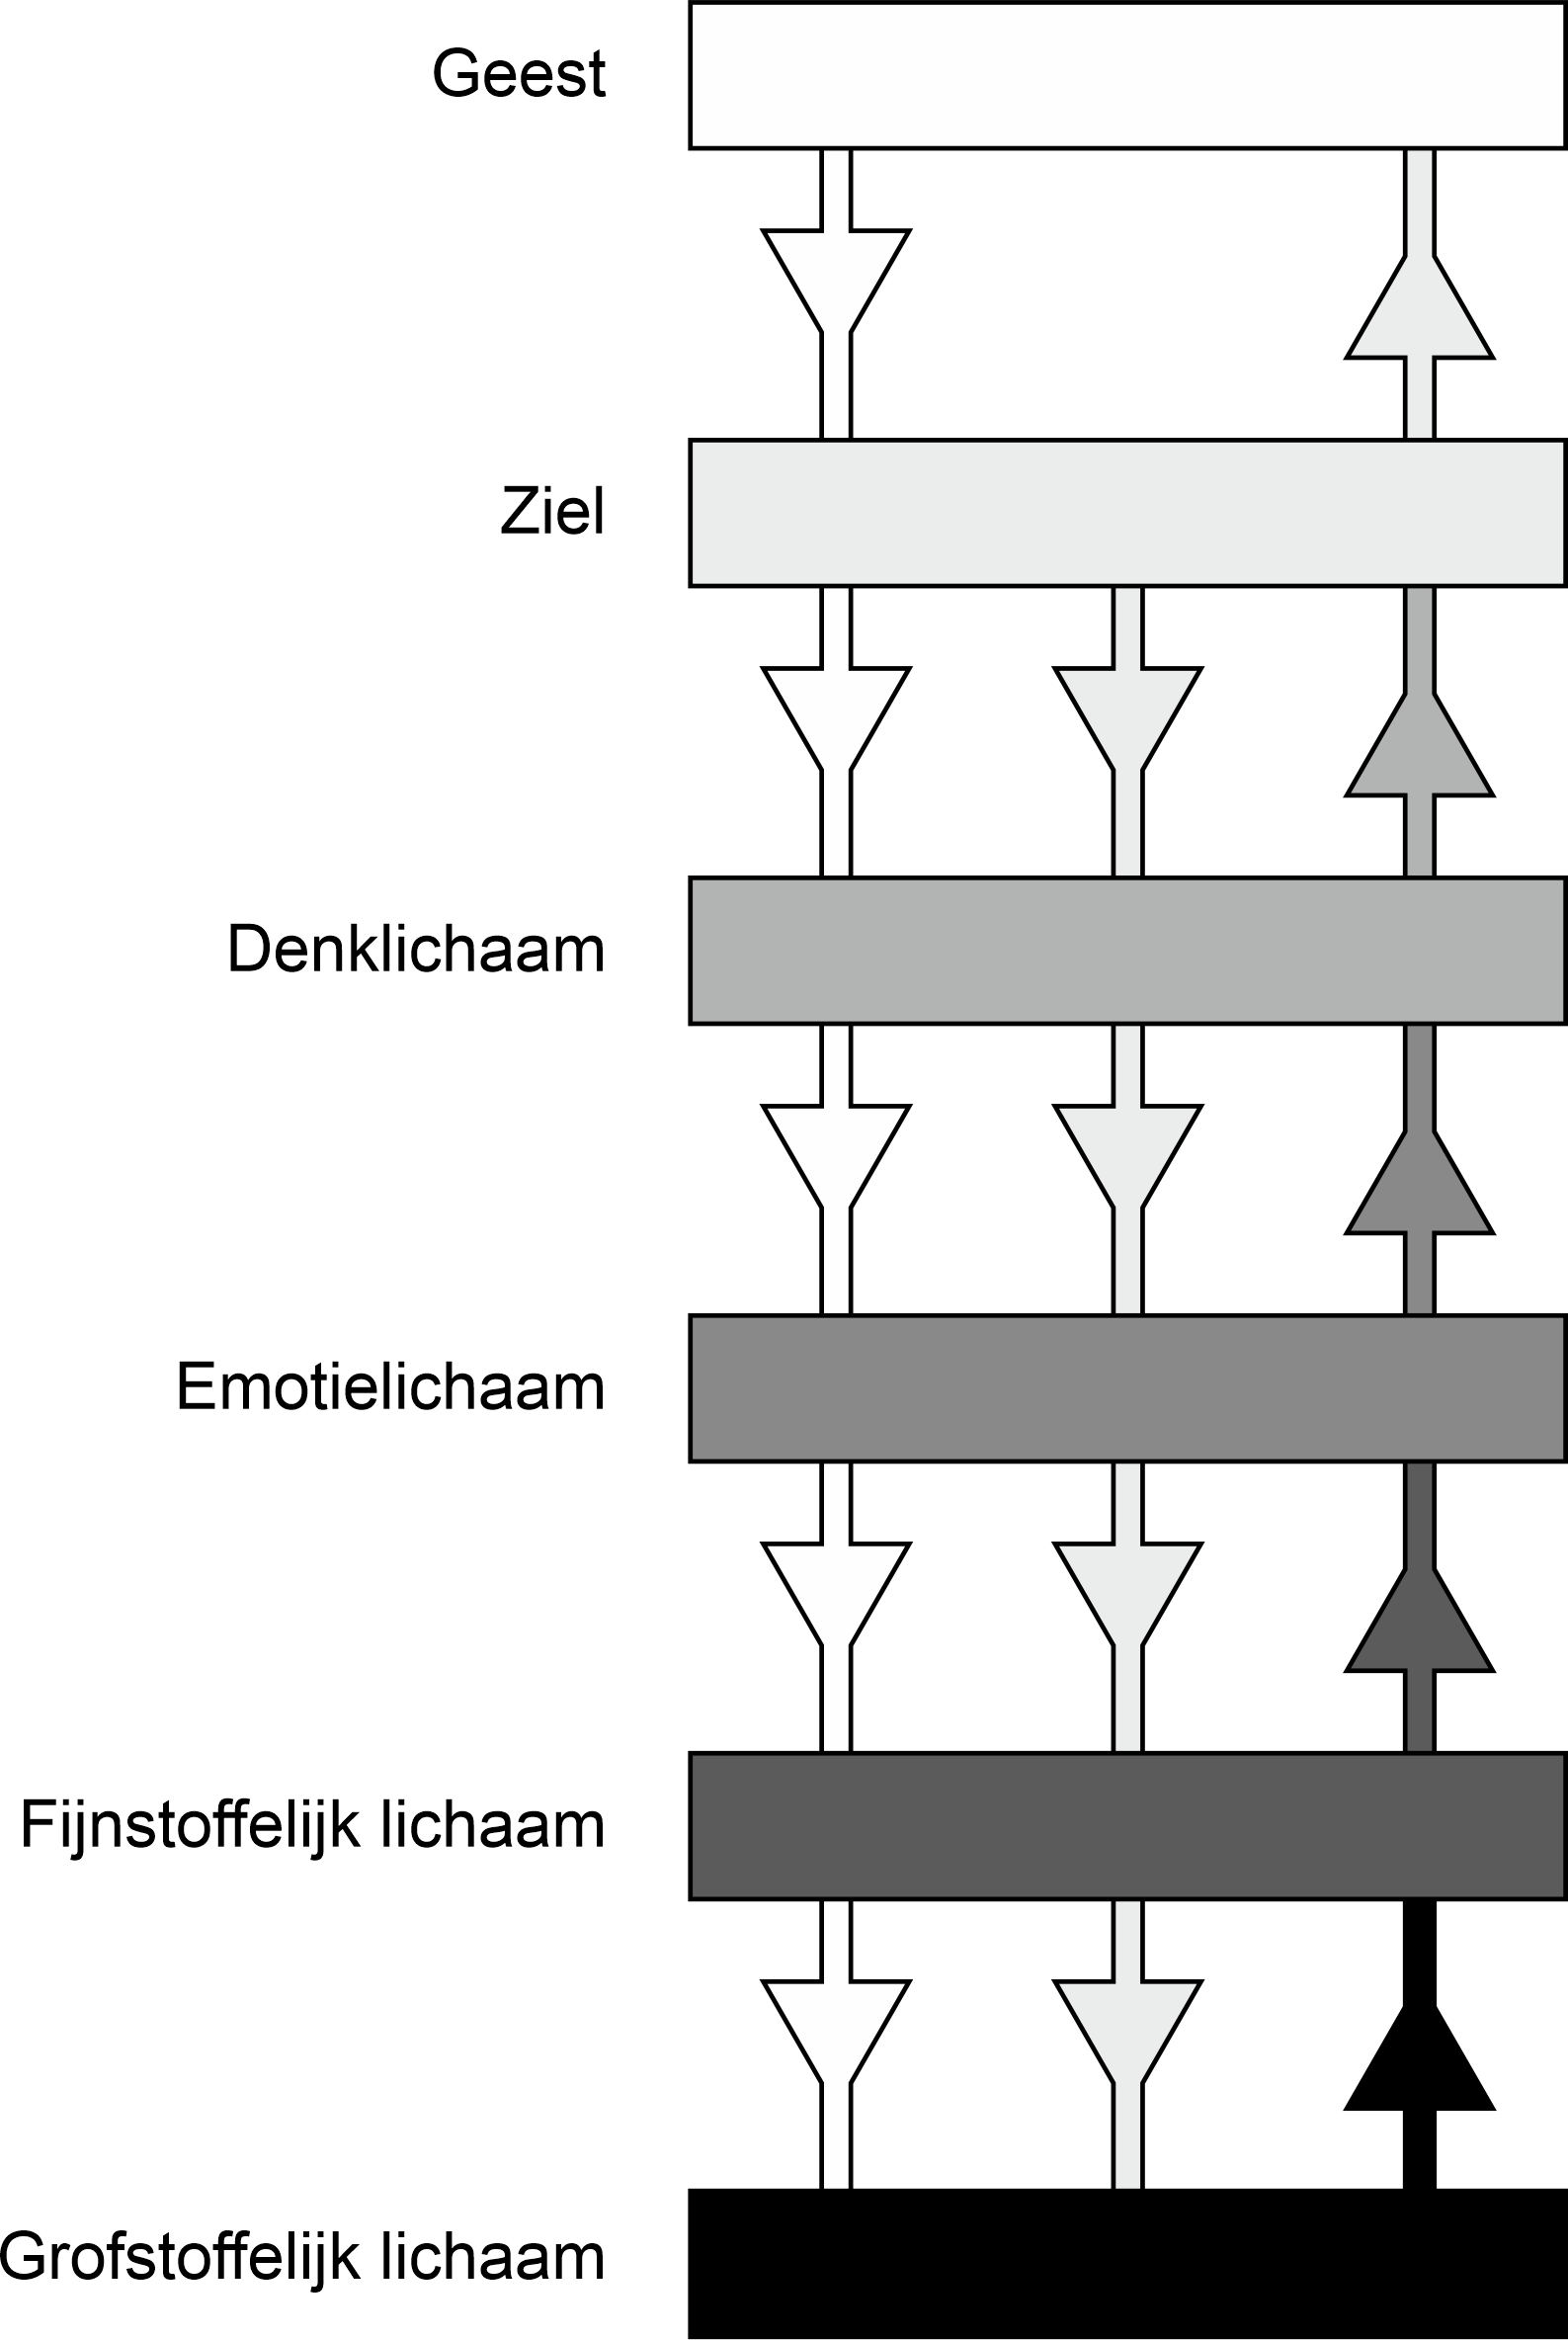 Bewustzijnsdraad, levensdraad, scheppingsdraad en eerste en tweede deel van de regenboogbrug